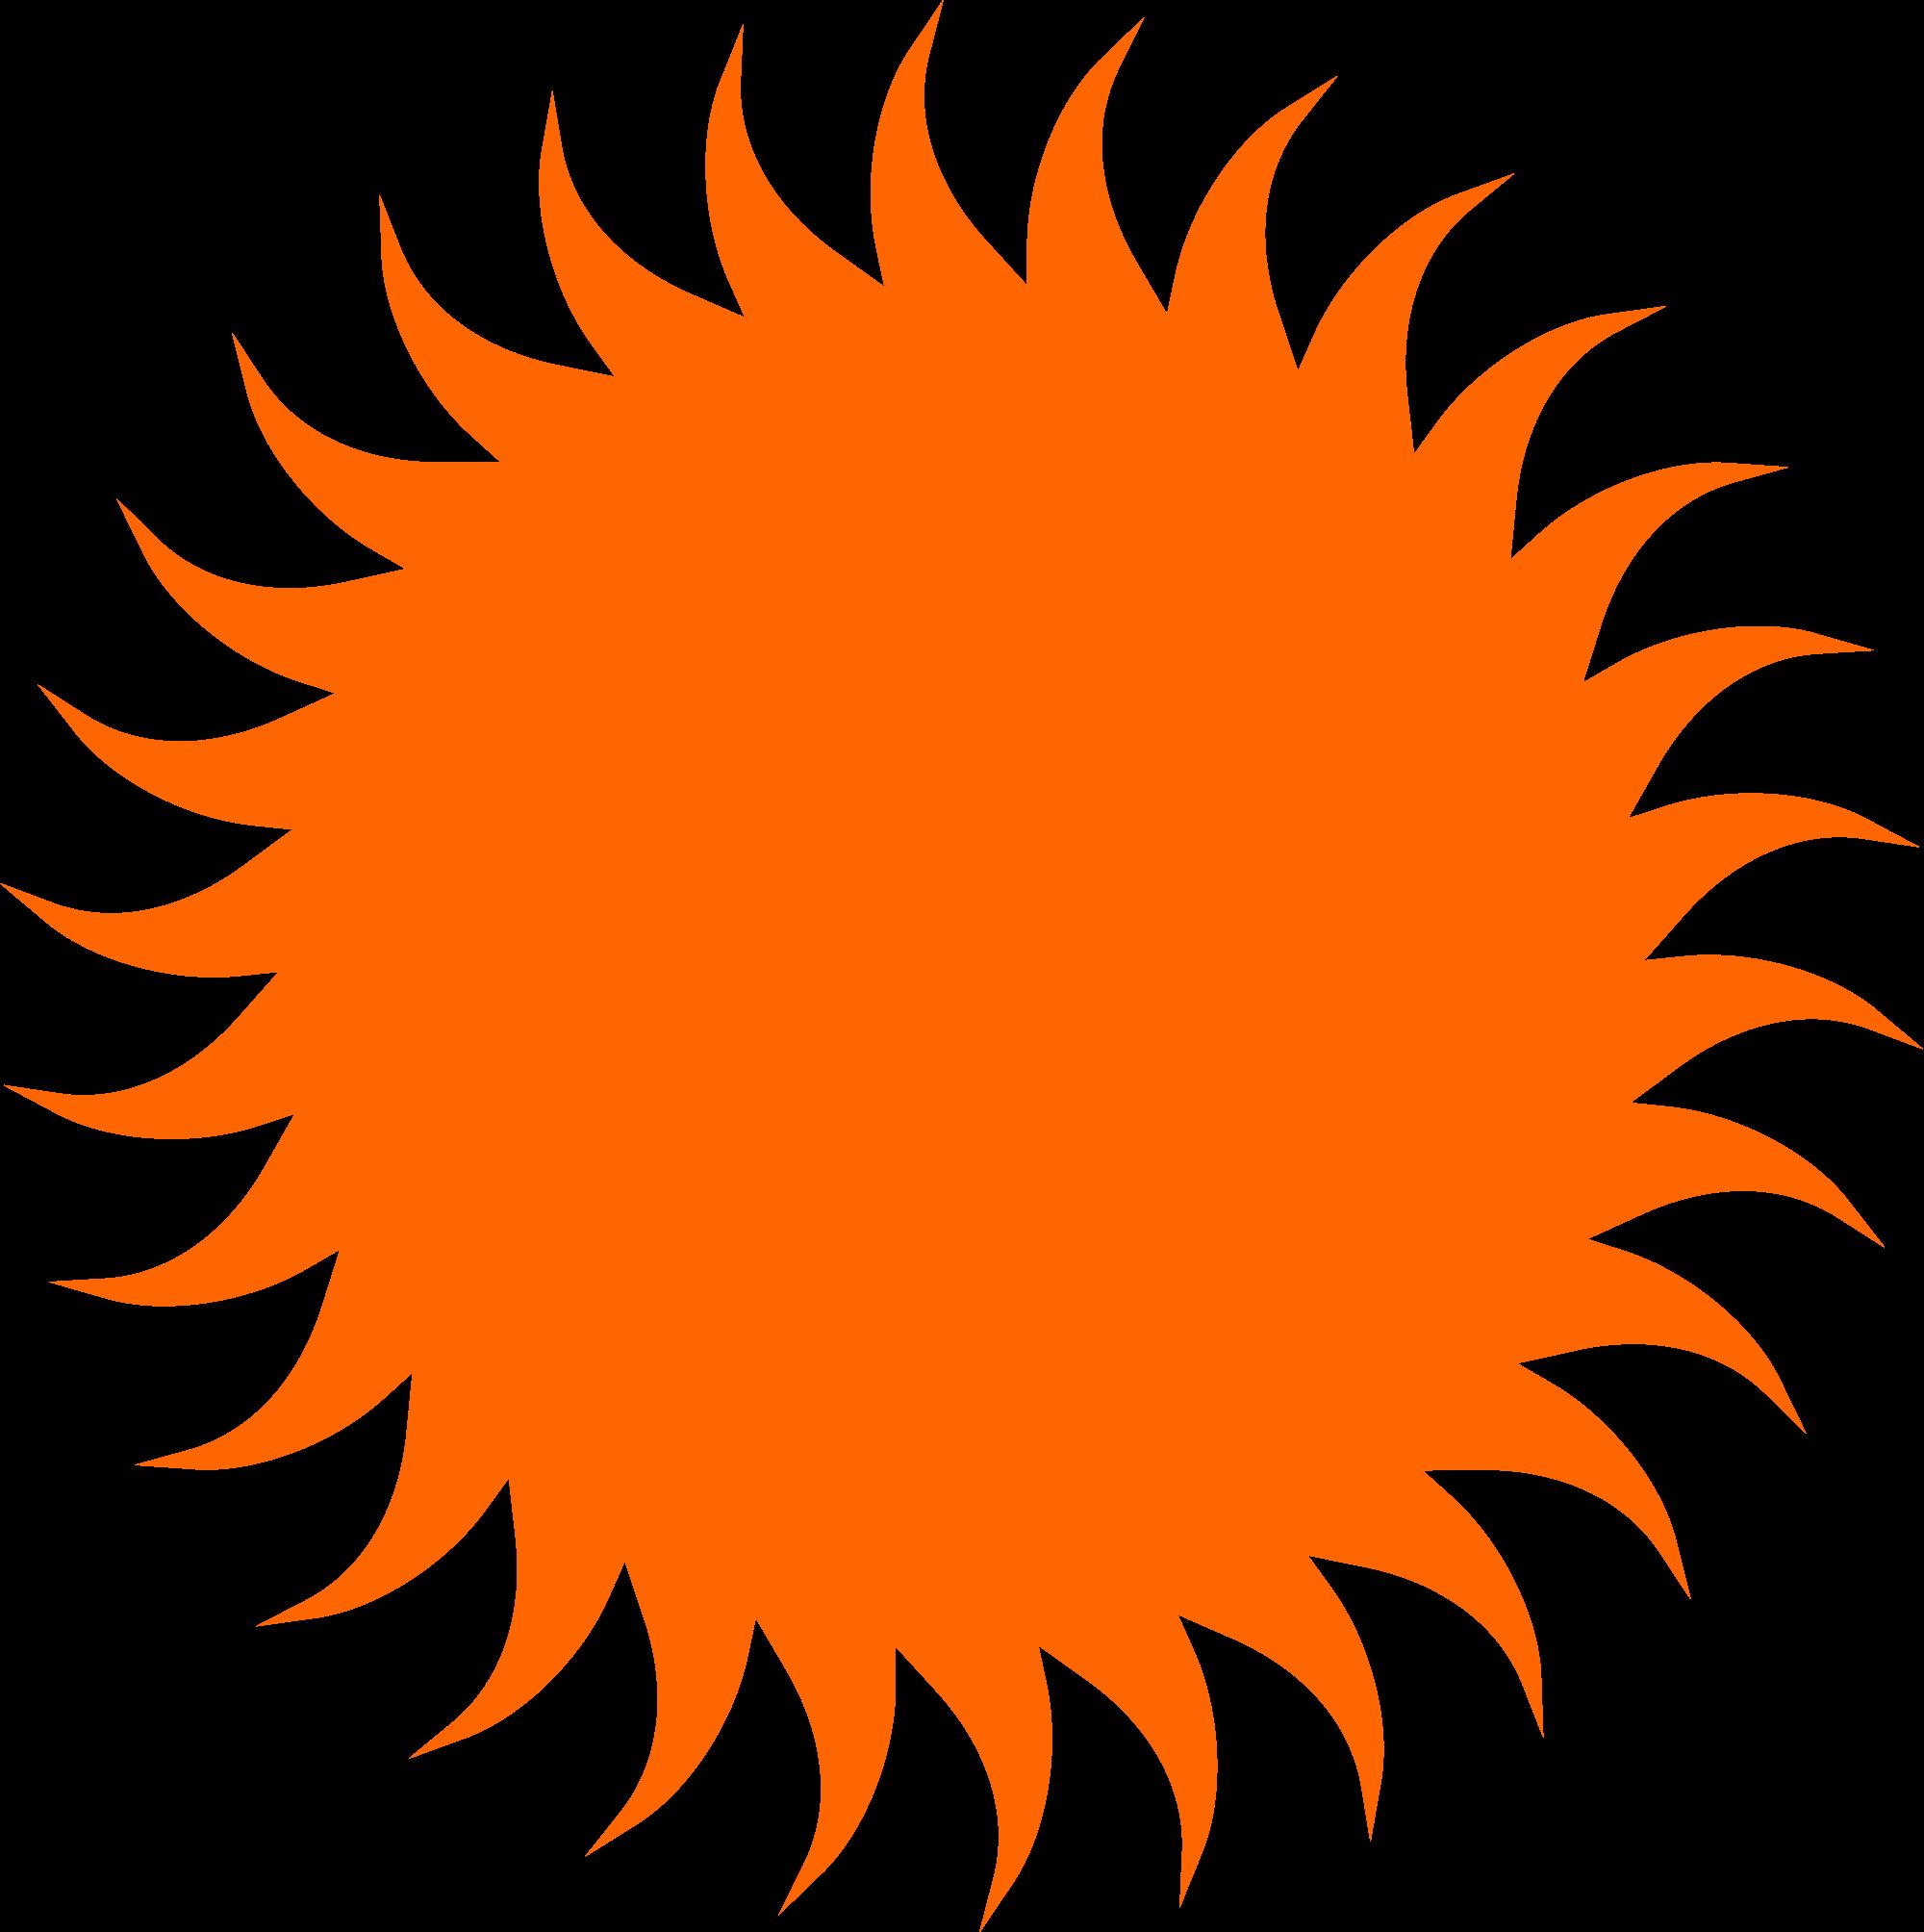 Clipart sun orange. File icon svg wikimedia